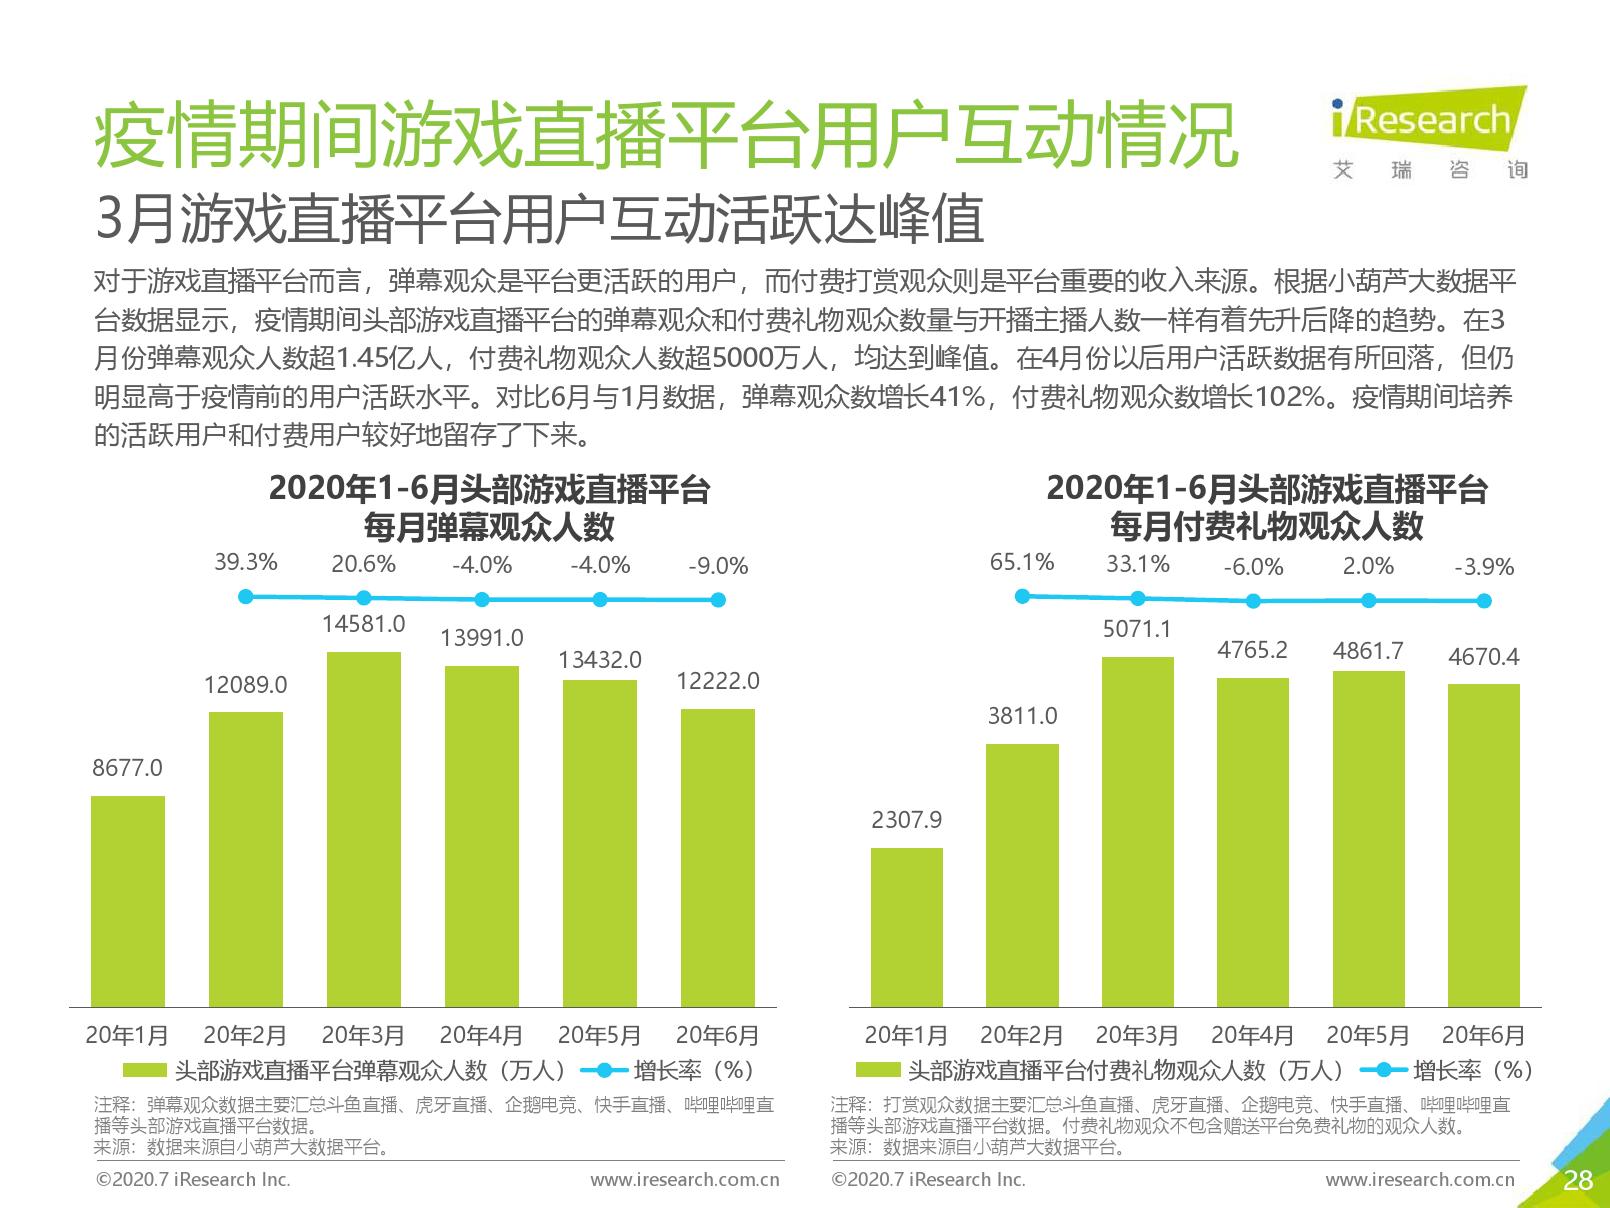 艾瑞咨询:2020年中国游戏直播行业研究报告(可下载报告)插图(55)